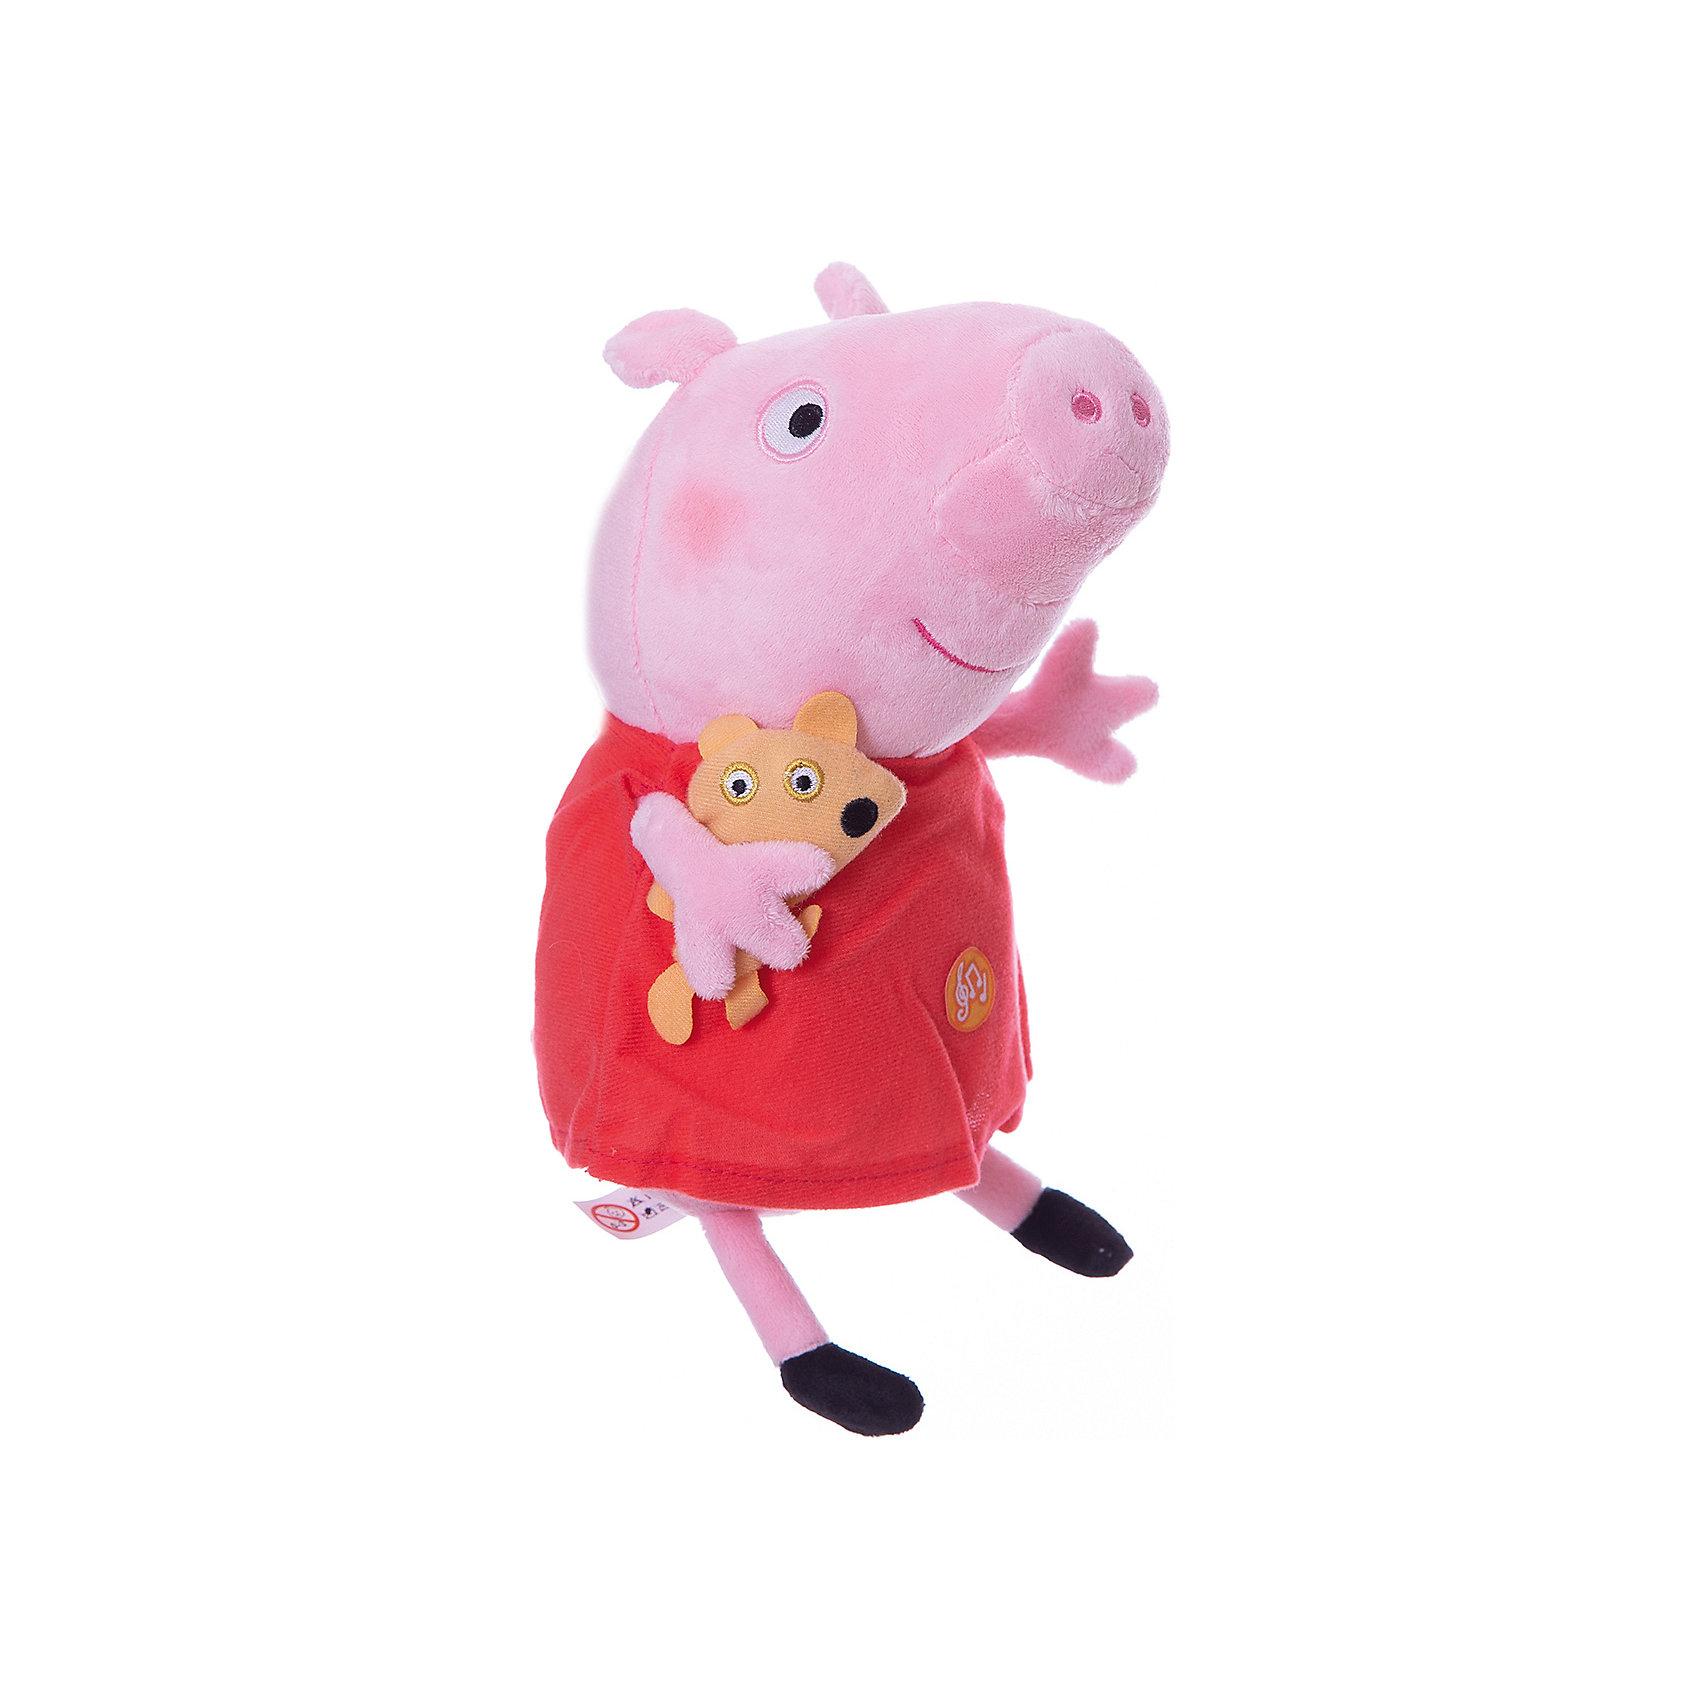 Пеппа с игрушкой, 30 см, со звуком, Свинка ПеппаЛюбимые герои<br>Что может быть лучше мягкого плюшевого друга? Только плюшевая героиня любимого мультфильма. Свинка Пеппа из одноименного анимационного сериала – как раз то, что нужно. Она мягкая и необыкновенно приятная на ощупь, так что обнимать Пеппу – одно удовольствие. Нажмите на животик, чтобы услышать музыкальное приветствие, 2 забавных стишка и веселую песенку из мультфильма. С такой очаровательной подругой малютке и играть весело, и спать сладко. Игра с Пеппой активно развивает у малыша воображение, тактильное восприятие и коммуникативные навыки. А если приобрести другие игрушки из серии «Peppa Pig», то ваш ребенок сможет оживить приключения любимых персонажей прямо у вас дома!&#13;<br><br>Дополнительная информация:<br><br>Мягкая озвученная игрушка «Пеппа с игрушкой» «Peppa Pig» имеет высоту 30 см (размер указан с ножками), изготовлена из мягкой, приятной на ощупь велюровой ткани, плотно набита.<br>Глаза и рот вышиты, под лапкой – медвежонок.<br>Игрушка работает от 4 батареек типа AG13 или LR44.<br><br>Пеппу с игрушкой, 30 см, со звуком, Свинка Пеппа можно купить в нашем магазине.<br><br>Ширина мм: 23<br>Глубина мм: 125<br>Высота мм: 110<br>Вес г: 169<br>Возраст от месяцев: 36<br>Возраст до месяцев: 84<br>Пол: Унисекс<br>Возраст: Детский<br>SKU: 4623380